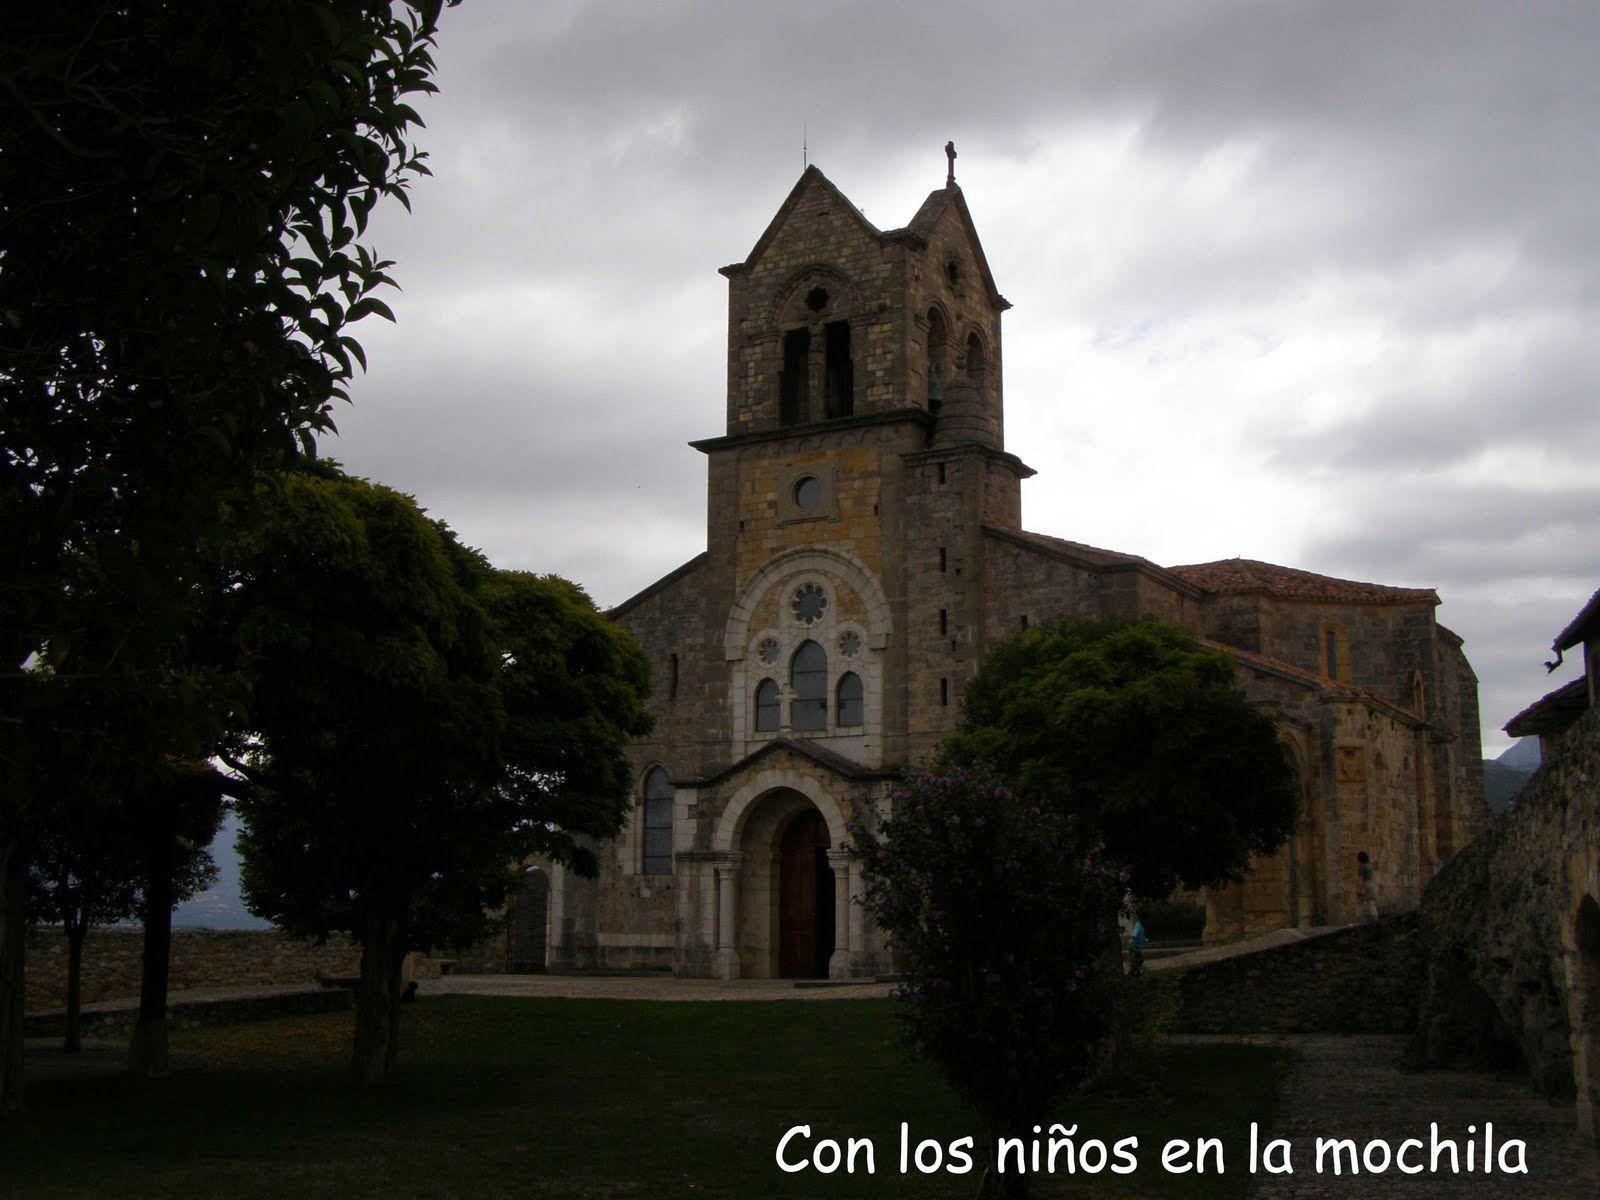 Frías, ciudad medieval. #Frías, en #Burgos, es una preciosa ciudad medieval a orillas del Ebro. #archivobloguero #archivo http://blgs.co/1Y0Esa. #Frías, en #Burgos, es una preciosa ciudad medieval a orillas del Ebro. #archivobloguero#archivo